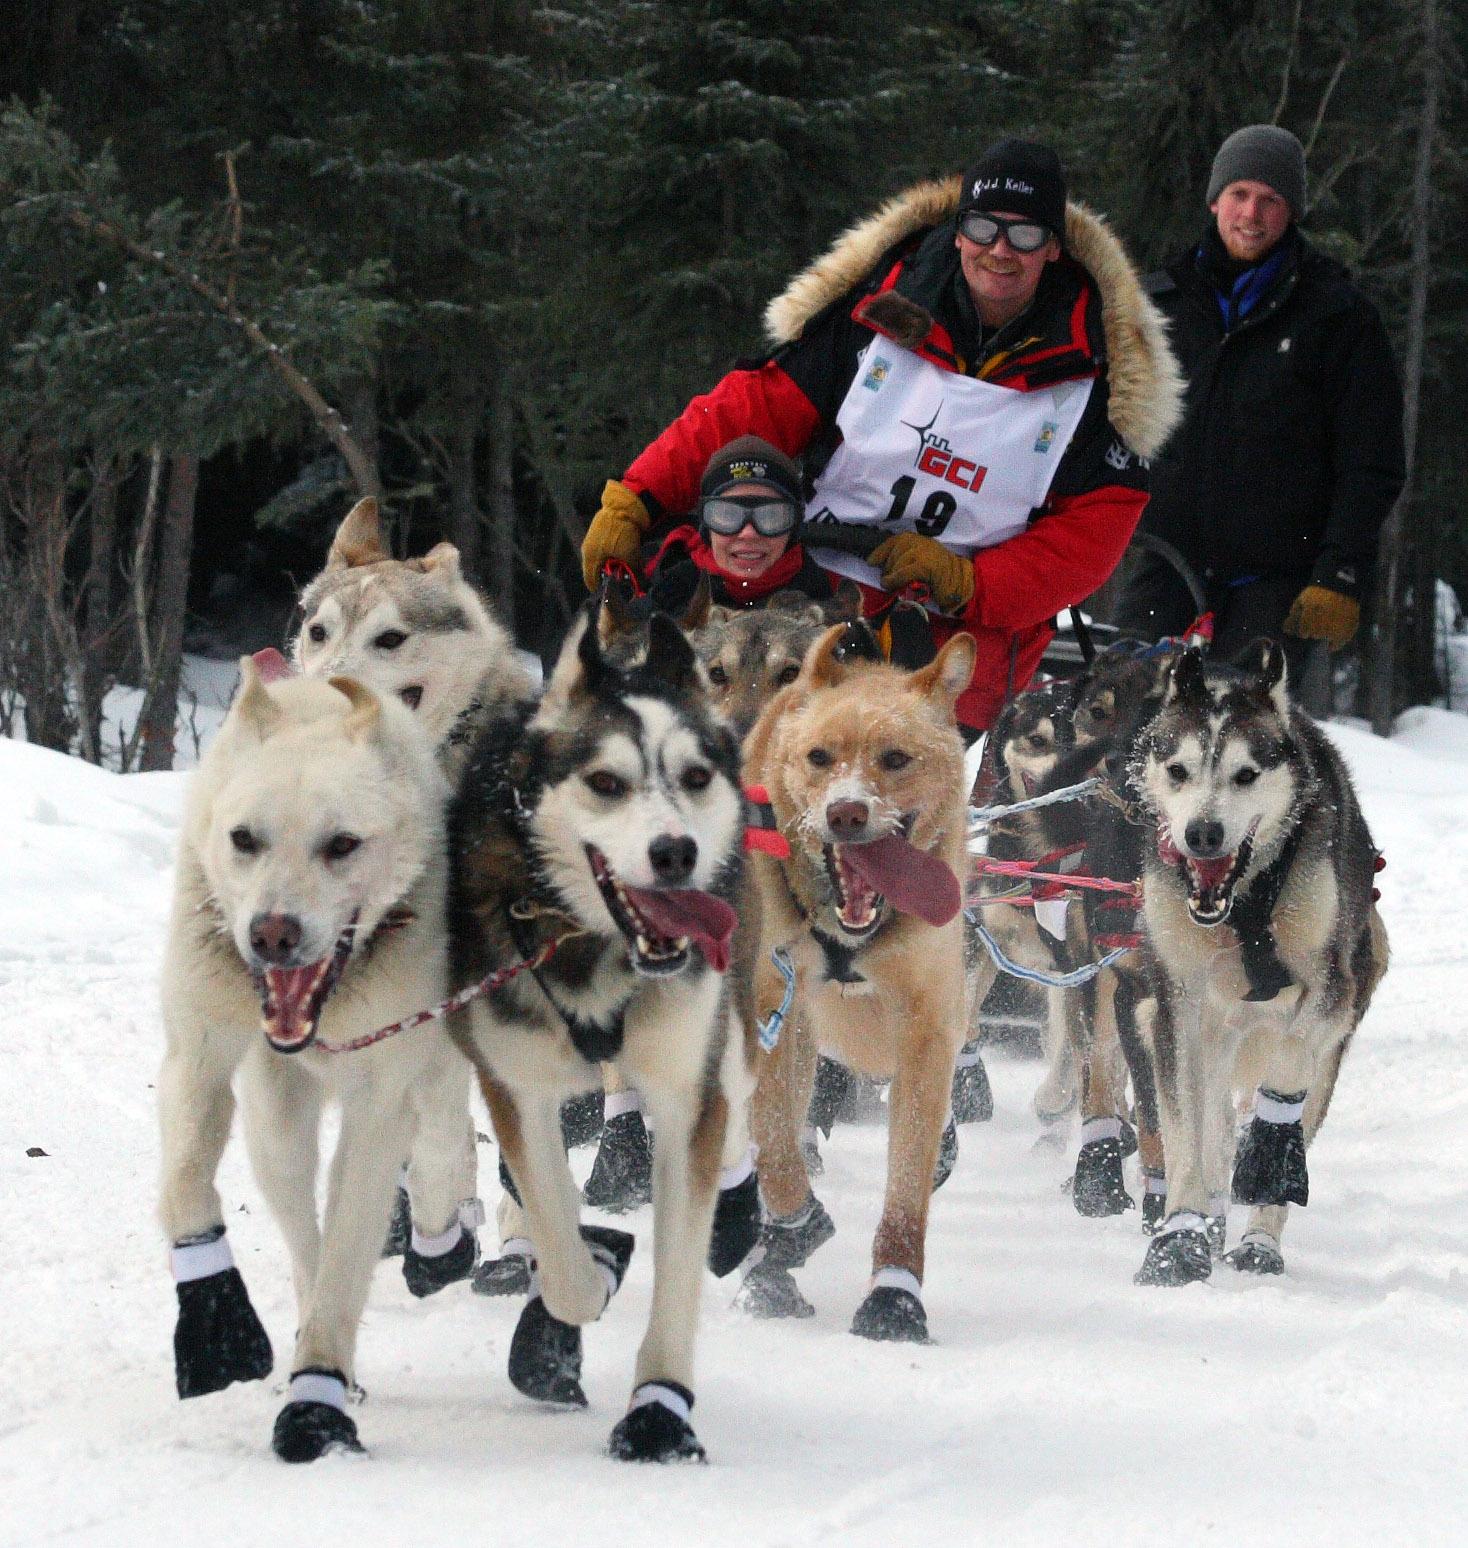 Dog Races At Remington Park